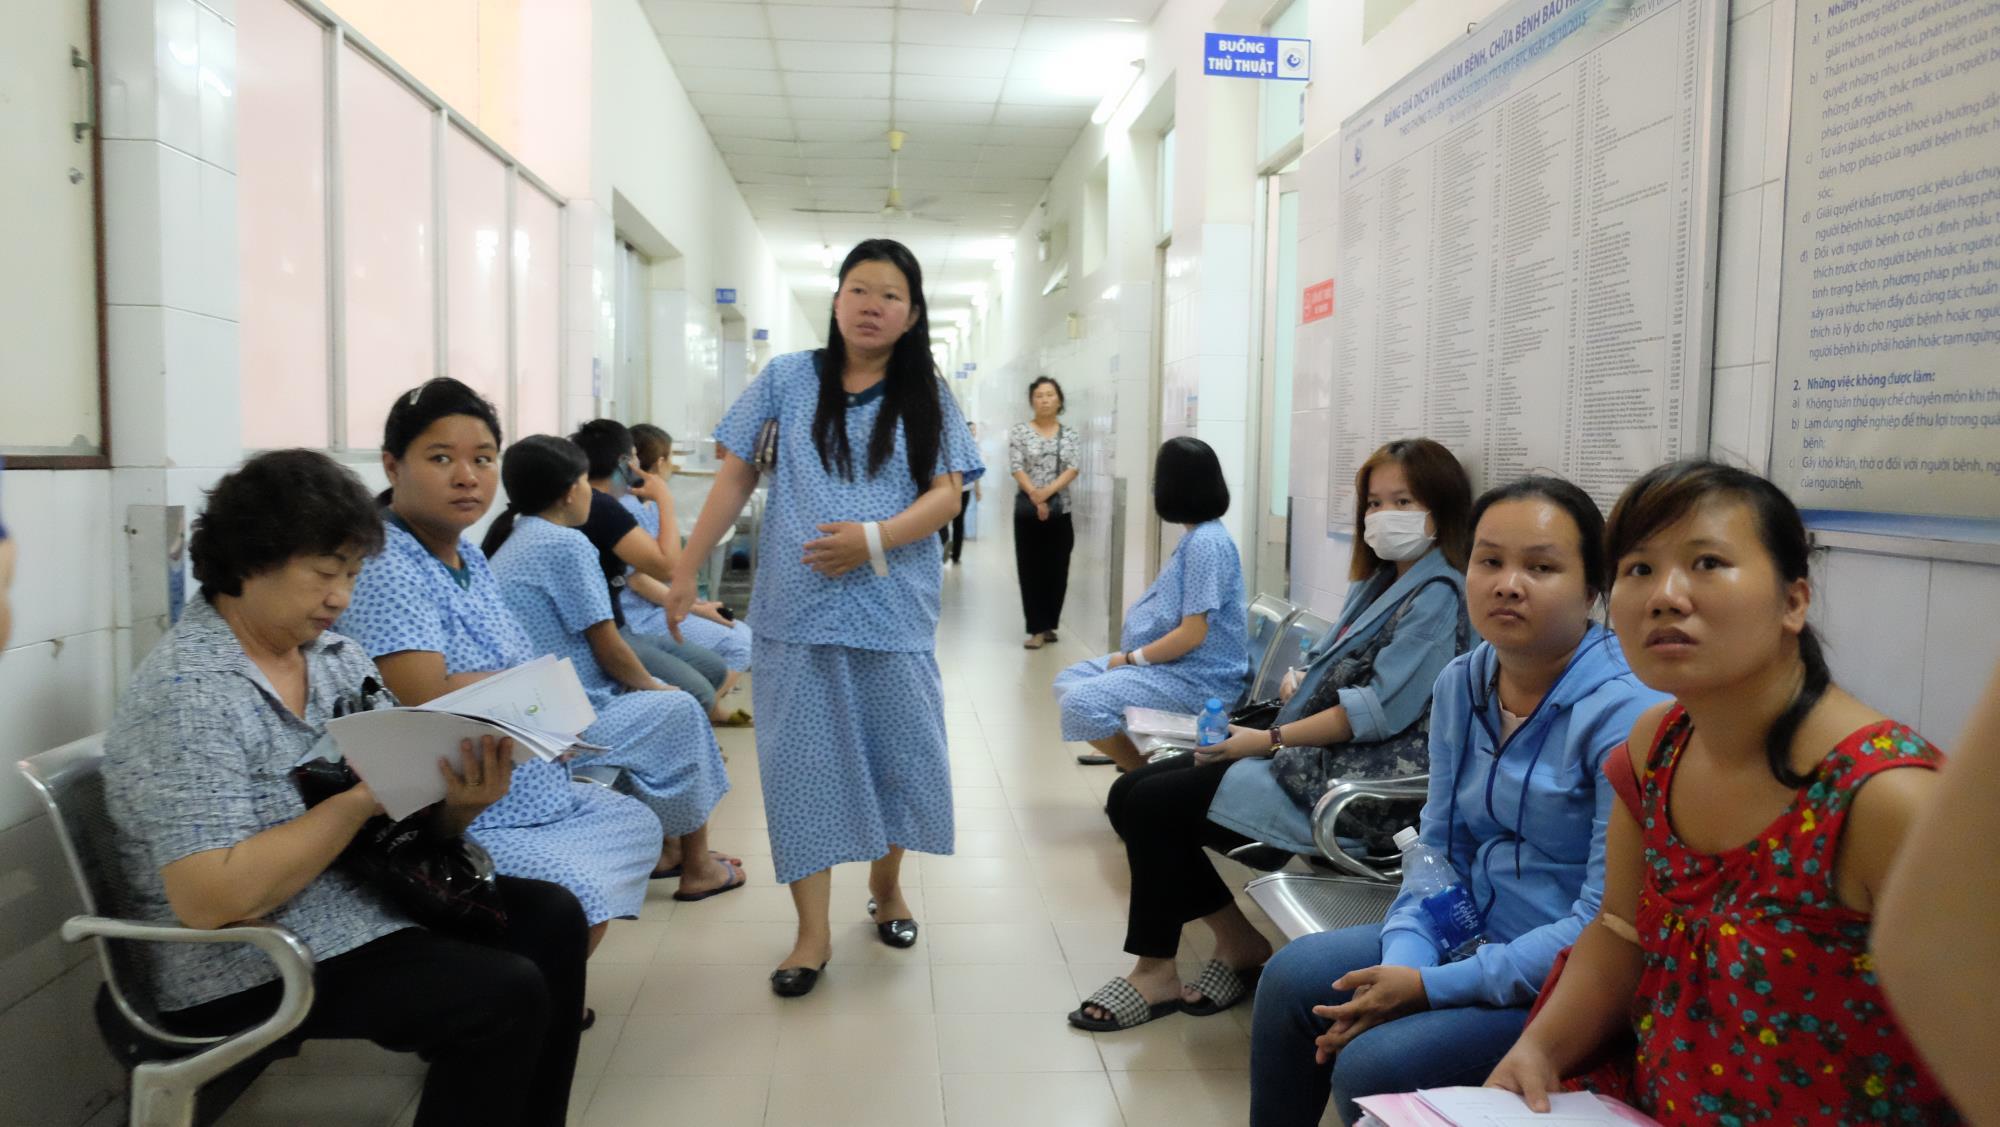 Tiền sản giật, thai phụ vỡ gan khi đang chờ sinh tại Bệnh viện Từ Dũ - Ảnh 1